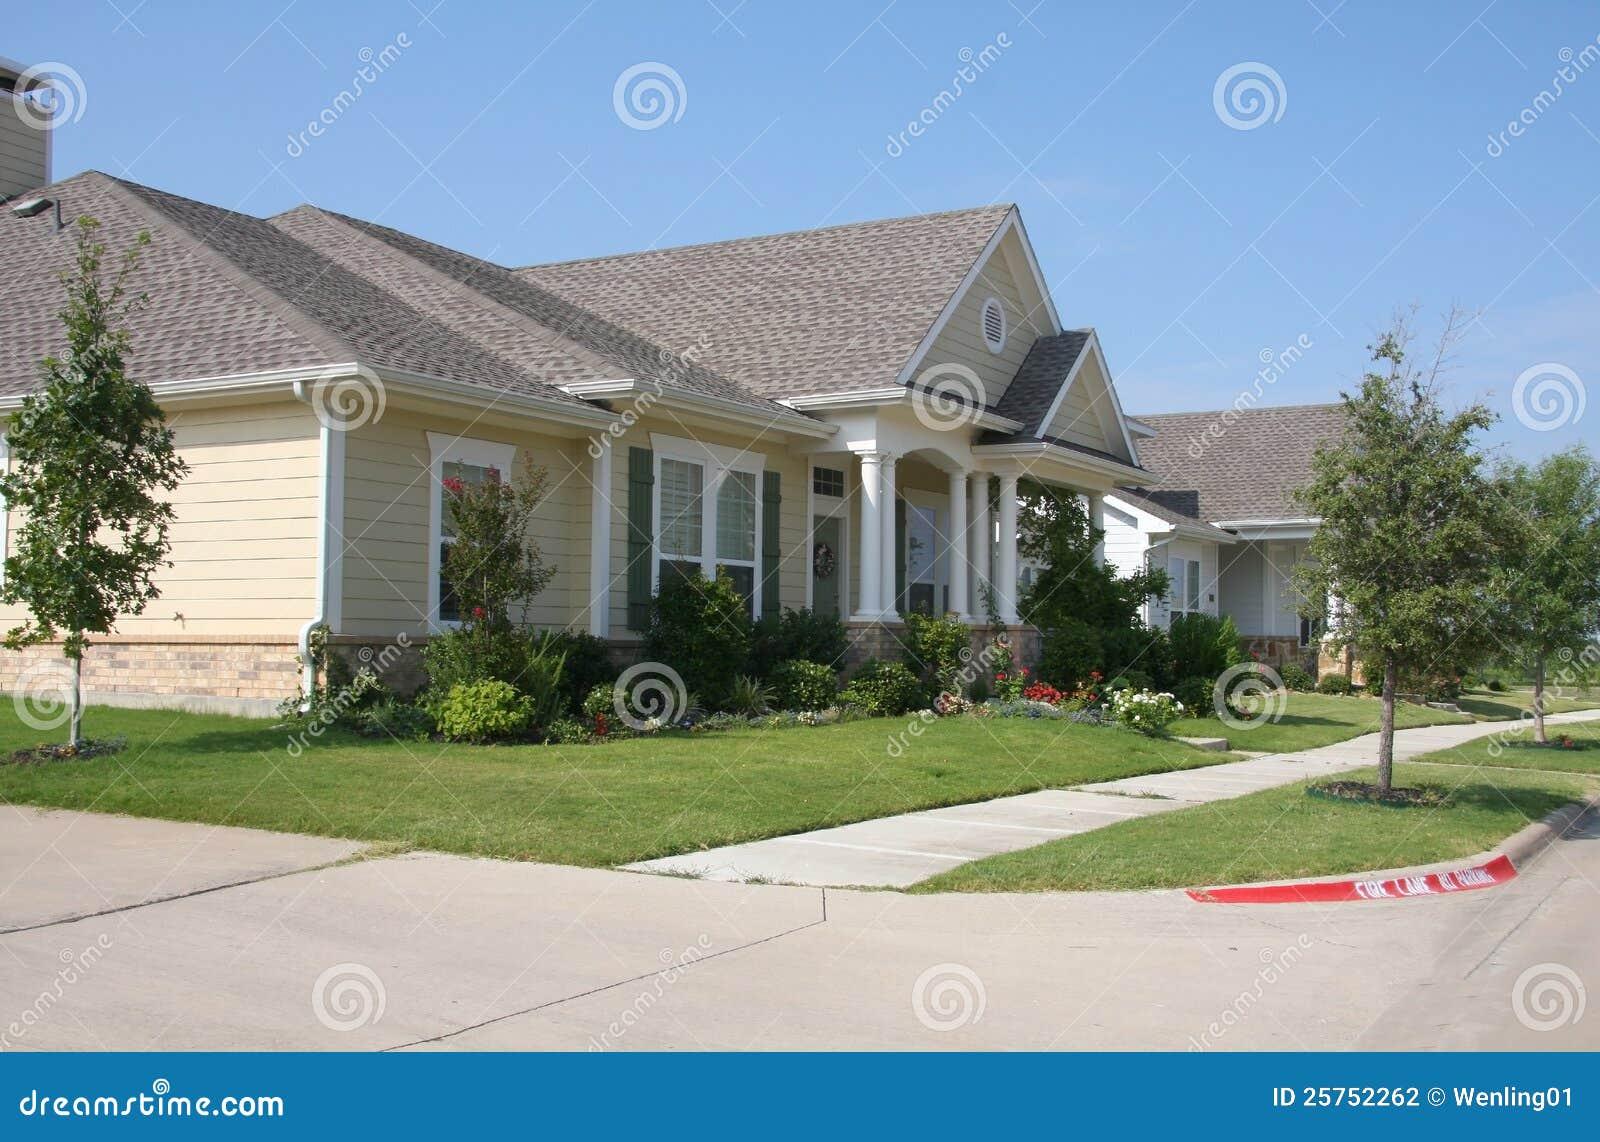 Pretty houses with gadern stock photo image of garden - Casas bonitas fotos ...